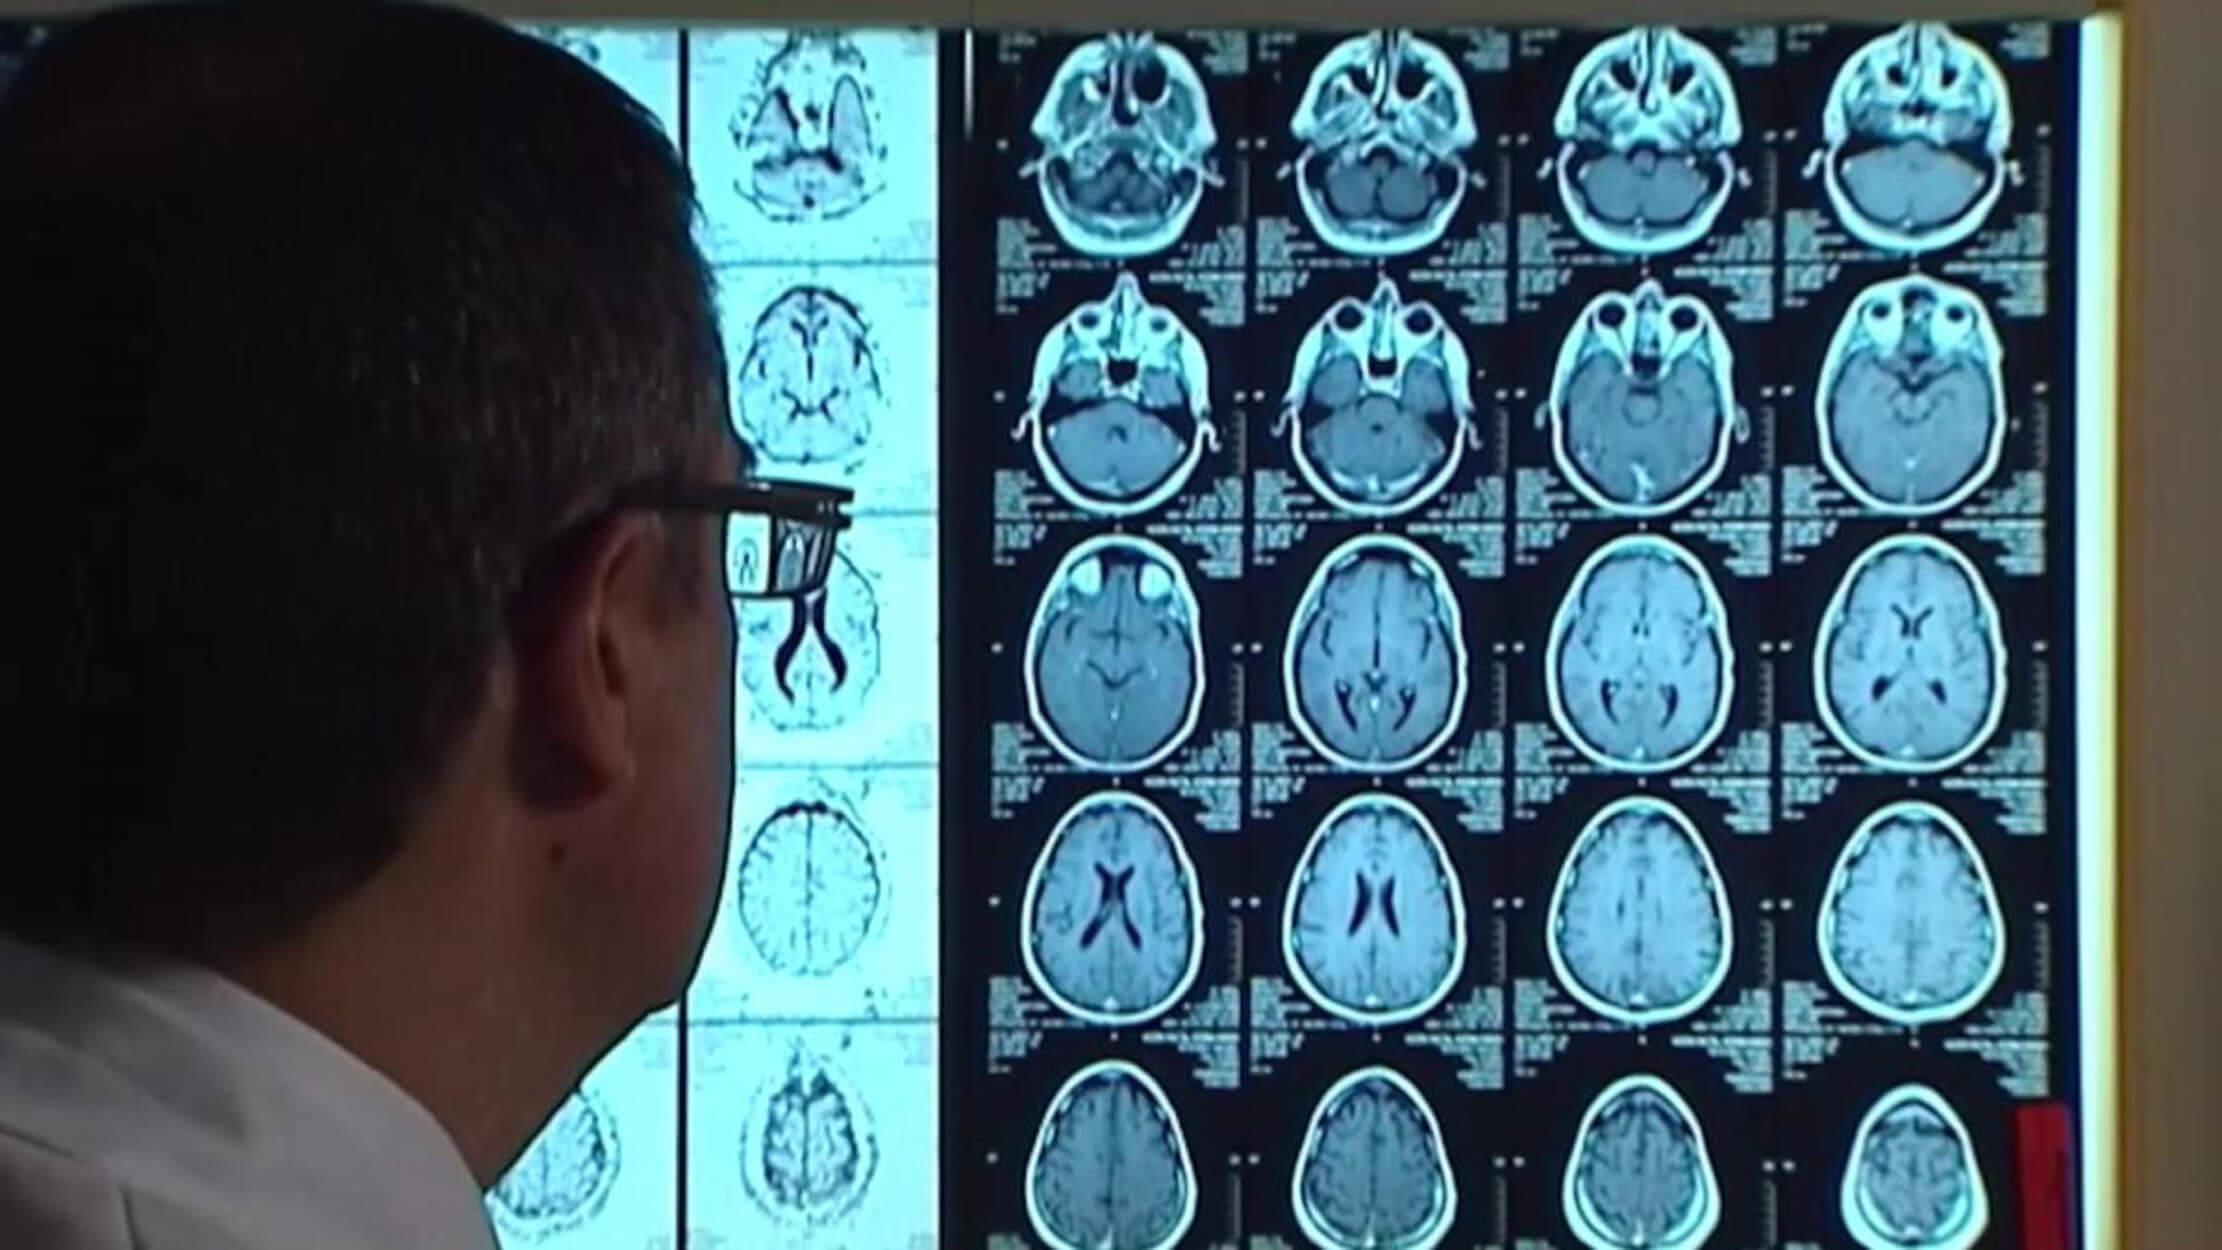 Επιστήμονες επανέφεραν την μνήμη ηλικιωμένων με Αλτσχάιμερ!